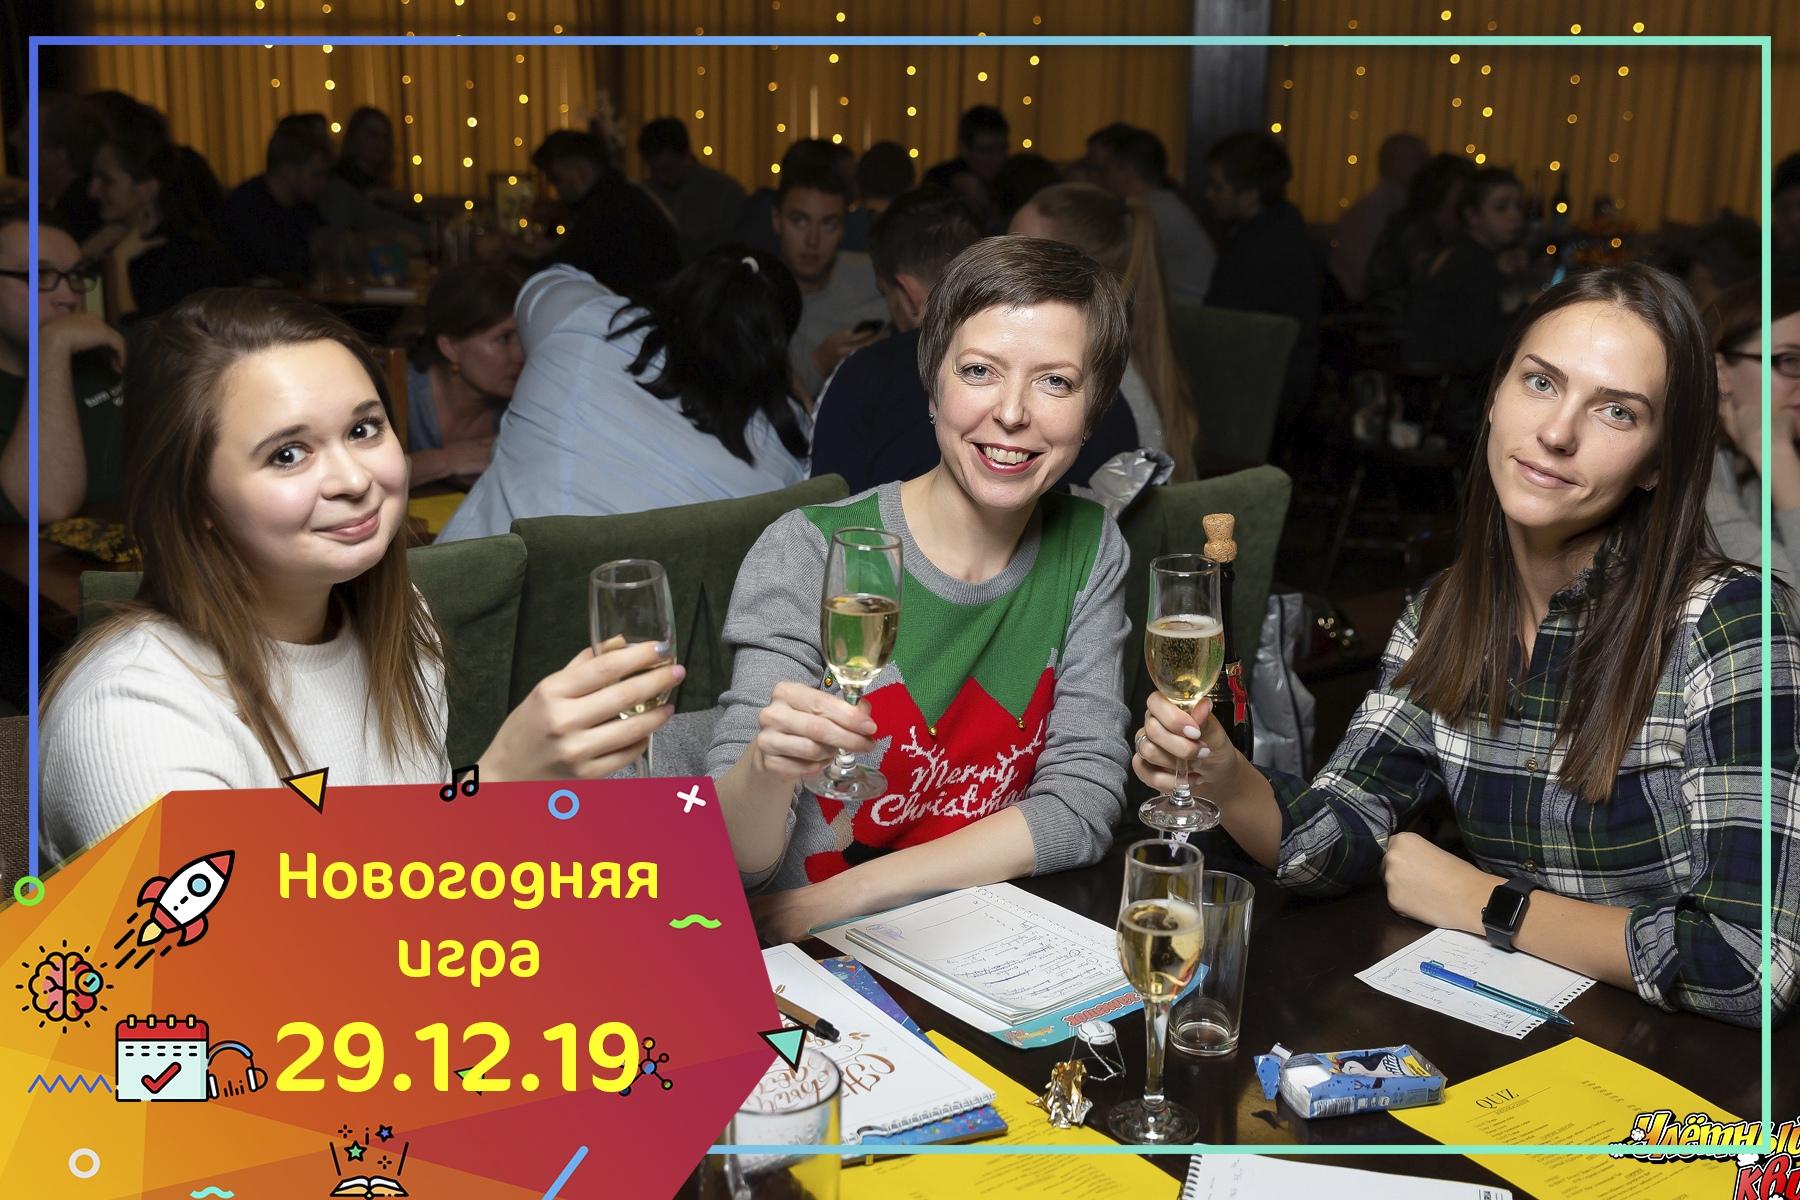 Новогодний Финал V сезона Улётный Квиз 29.12.2019 (250 фото)